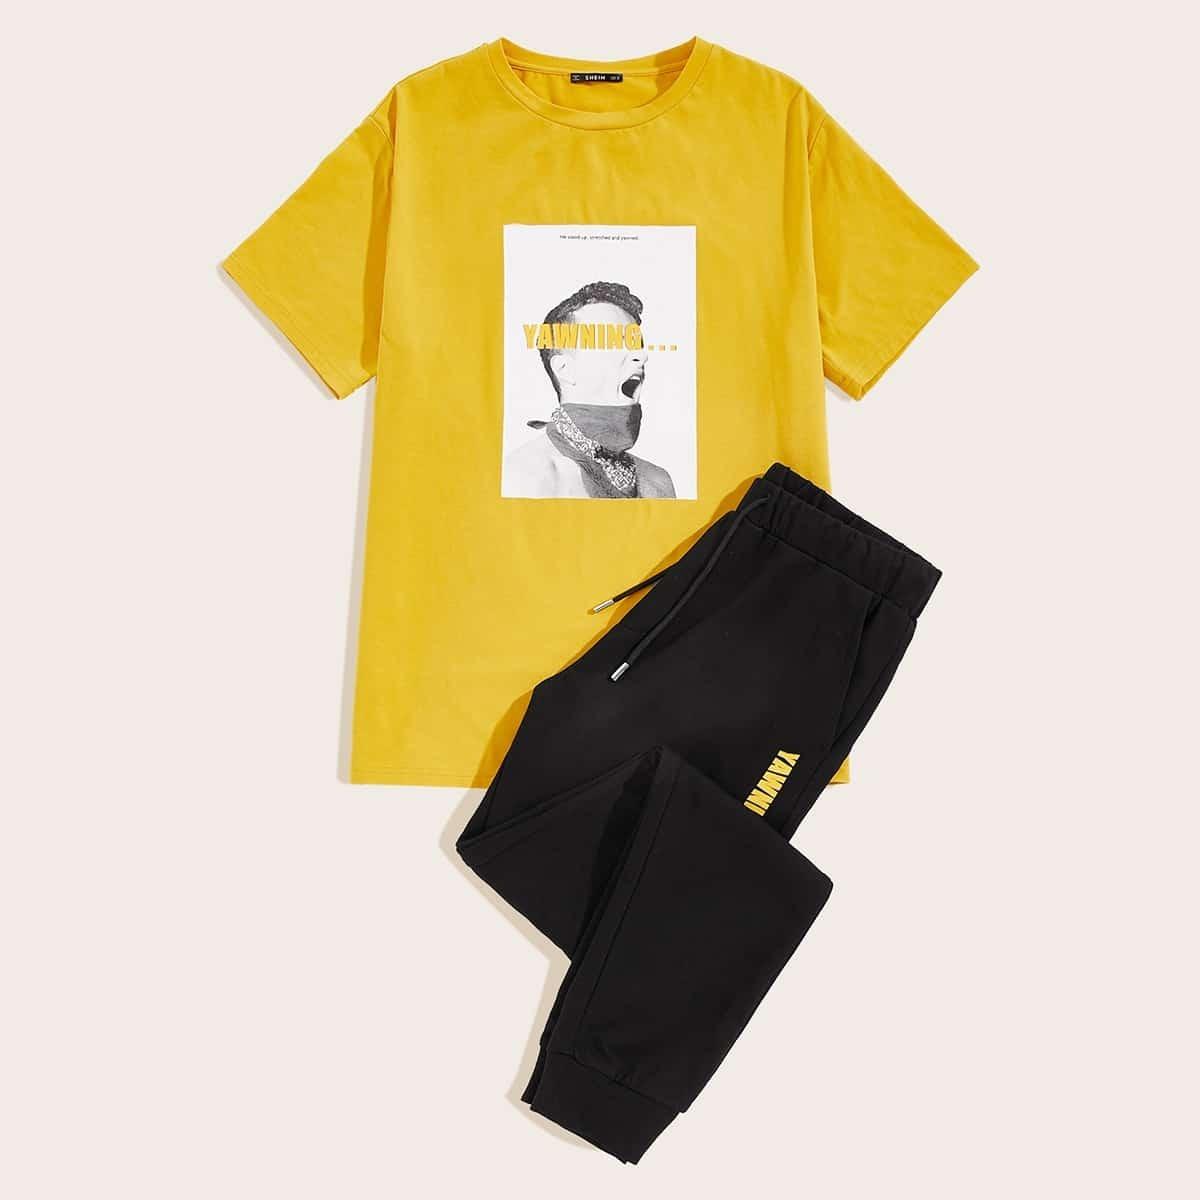 Мужские спортивные брюки и футболка с графическим принтом от SHEIN